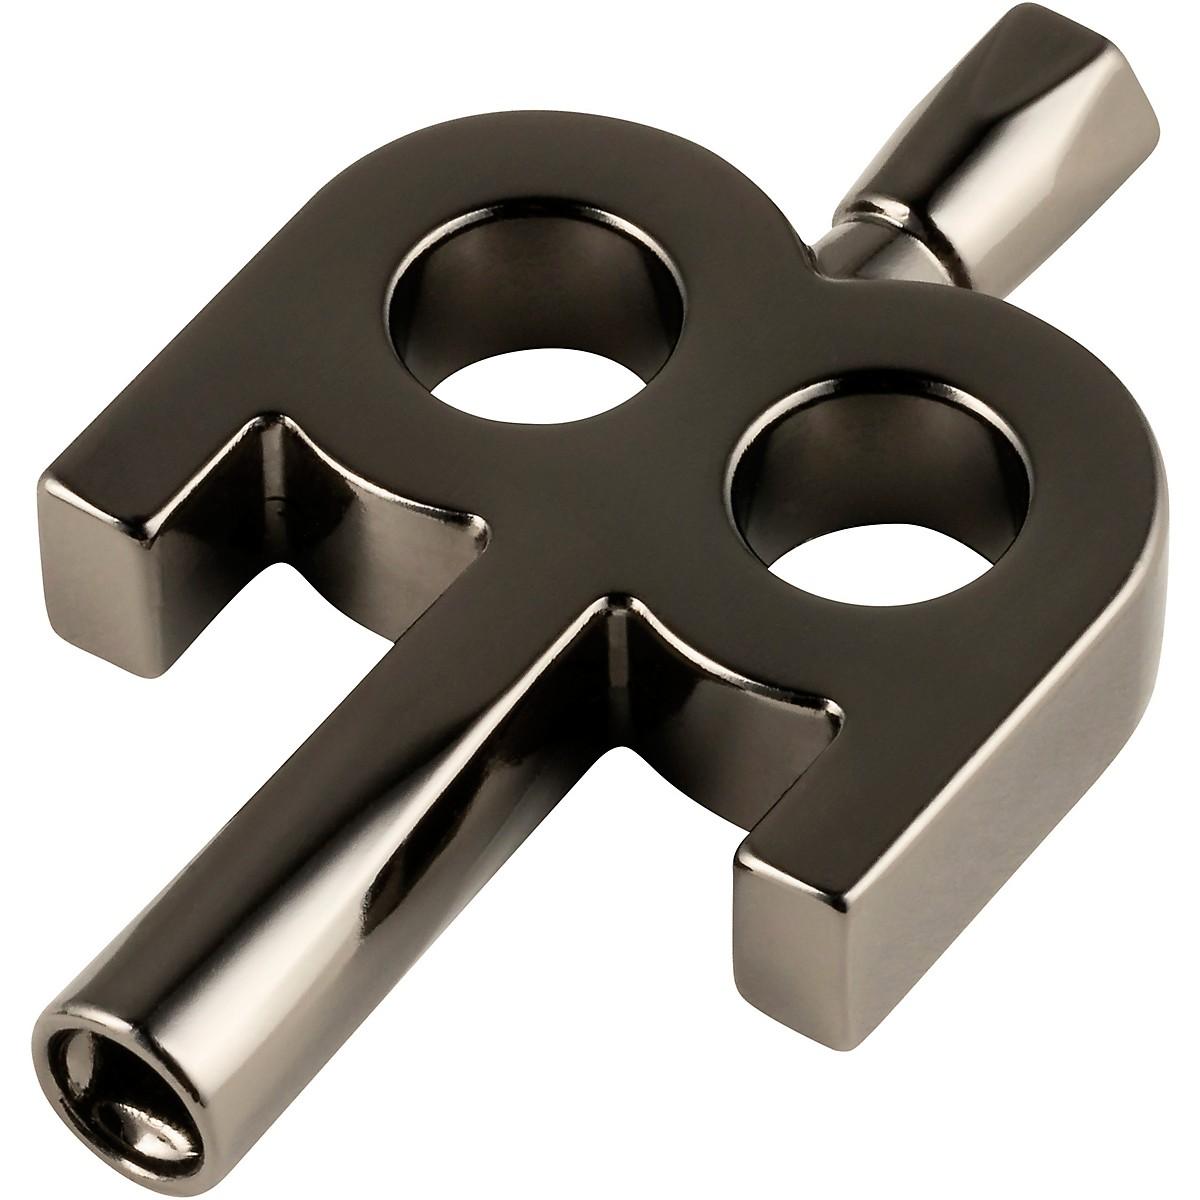 Meinl Stick & Brush Black Nickel Plated Kinetic Drum Key